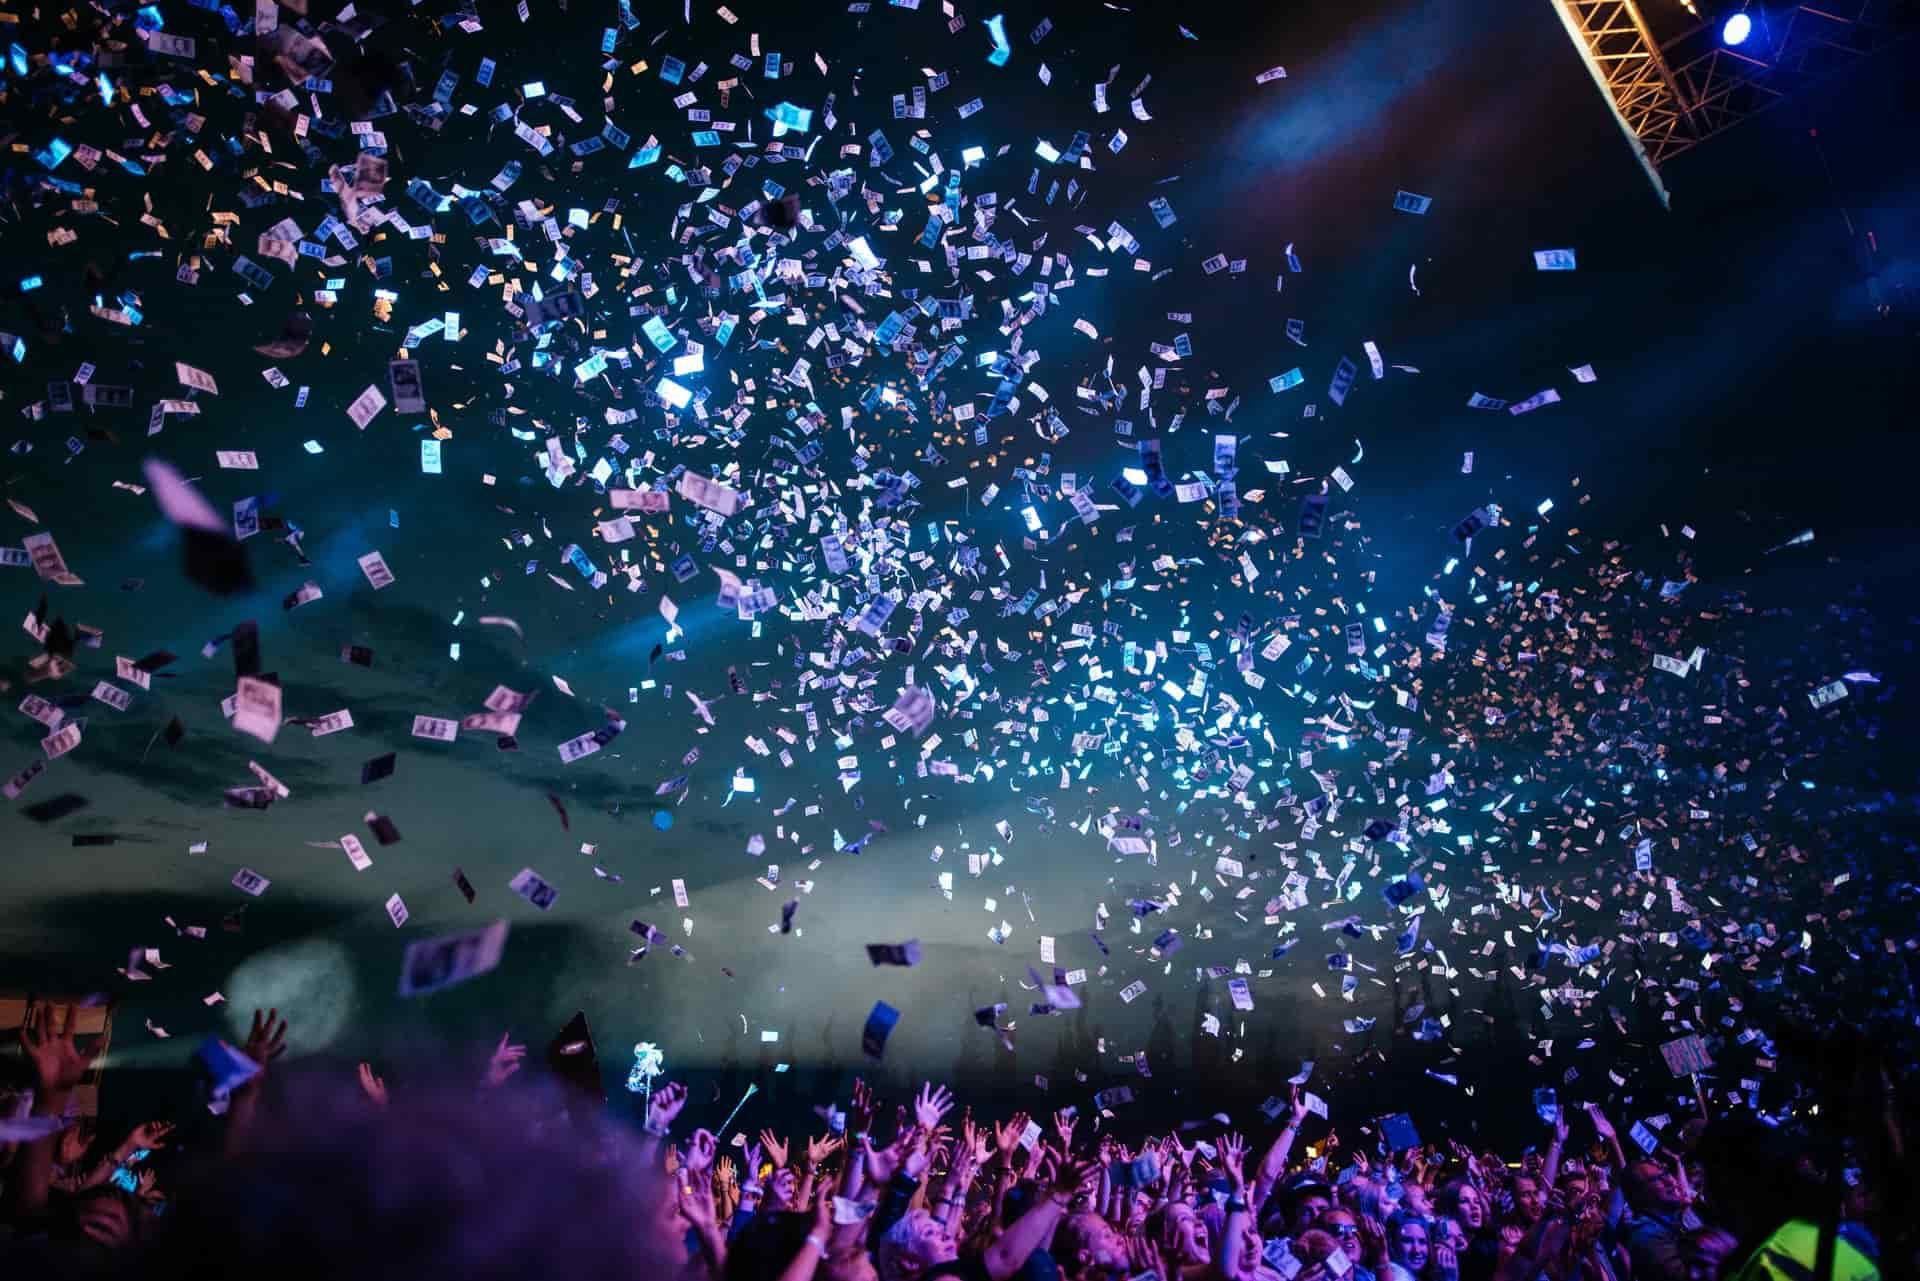 Imagen de dinero flotando en el aire en un espectáculo